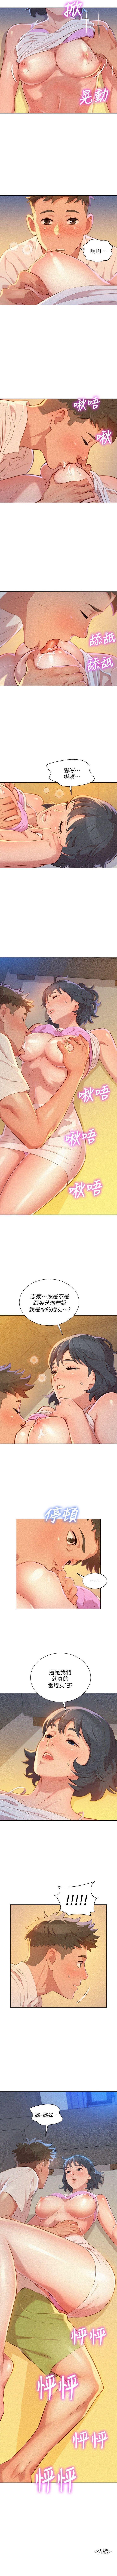 (週7)漂亮幹姐姐  1-92 中文翻譯 (更新中) 166